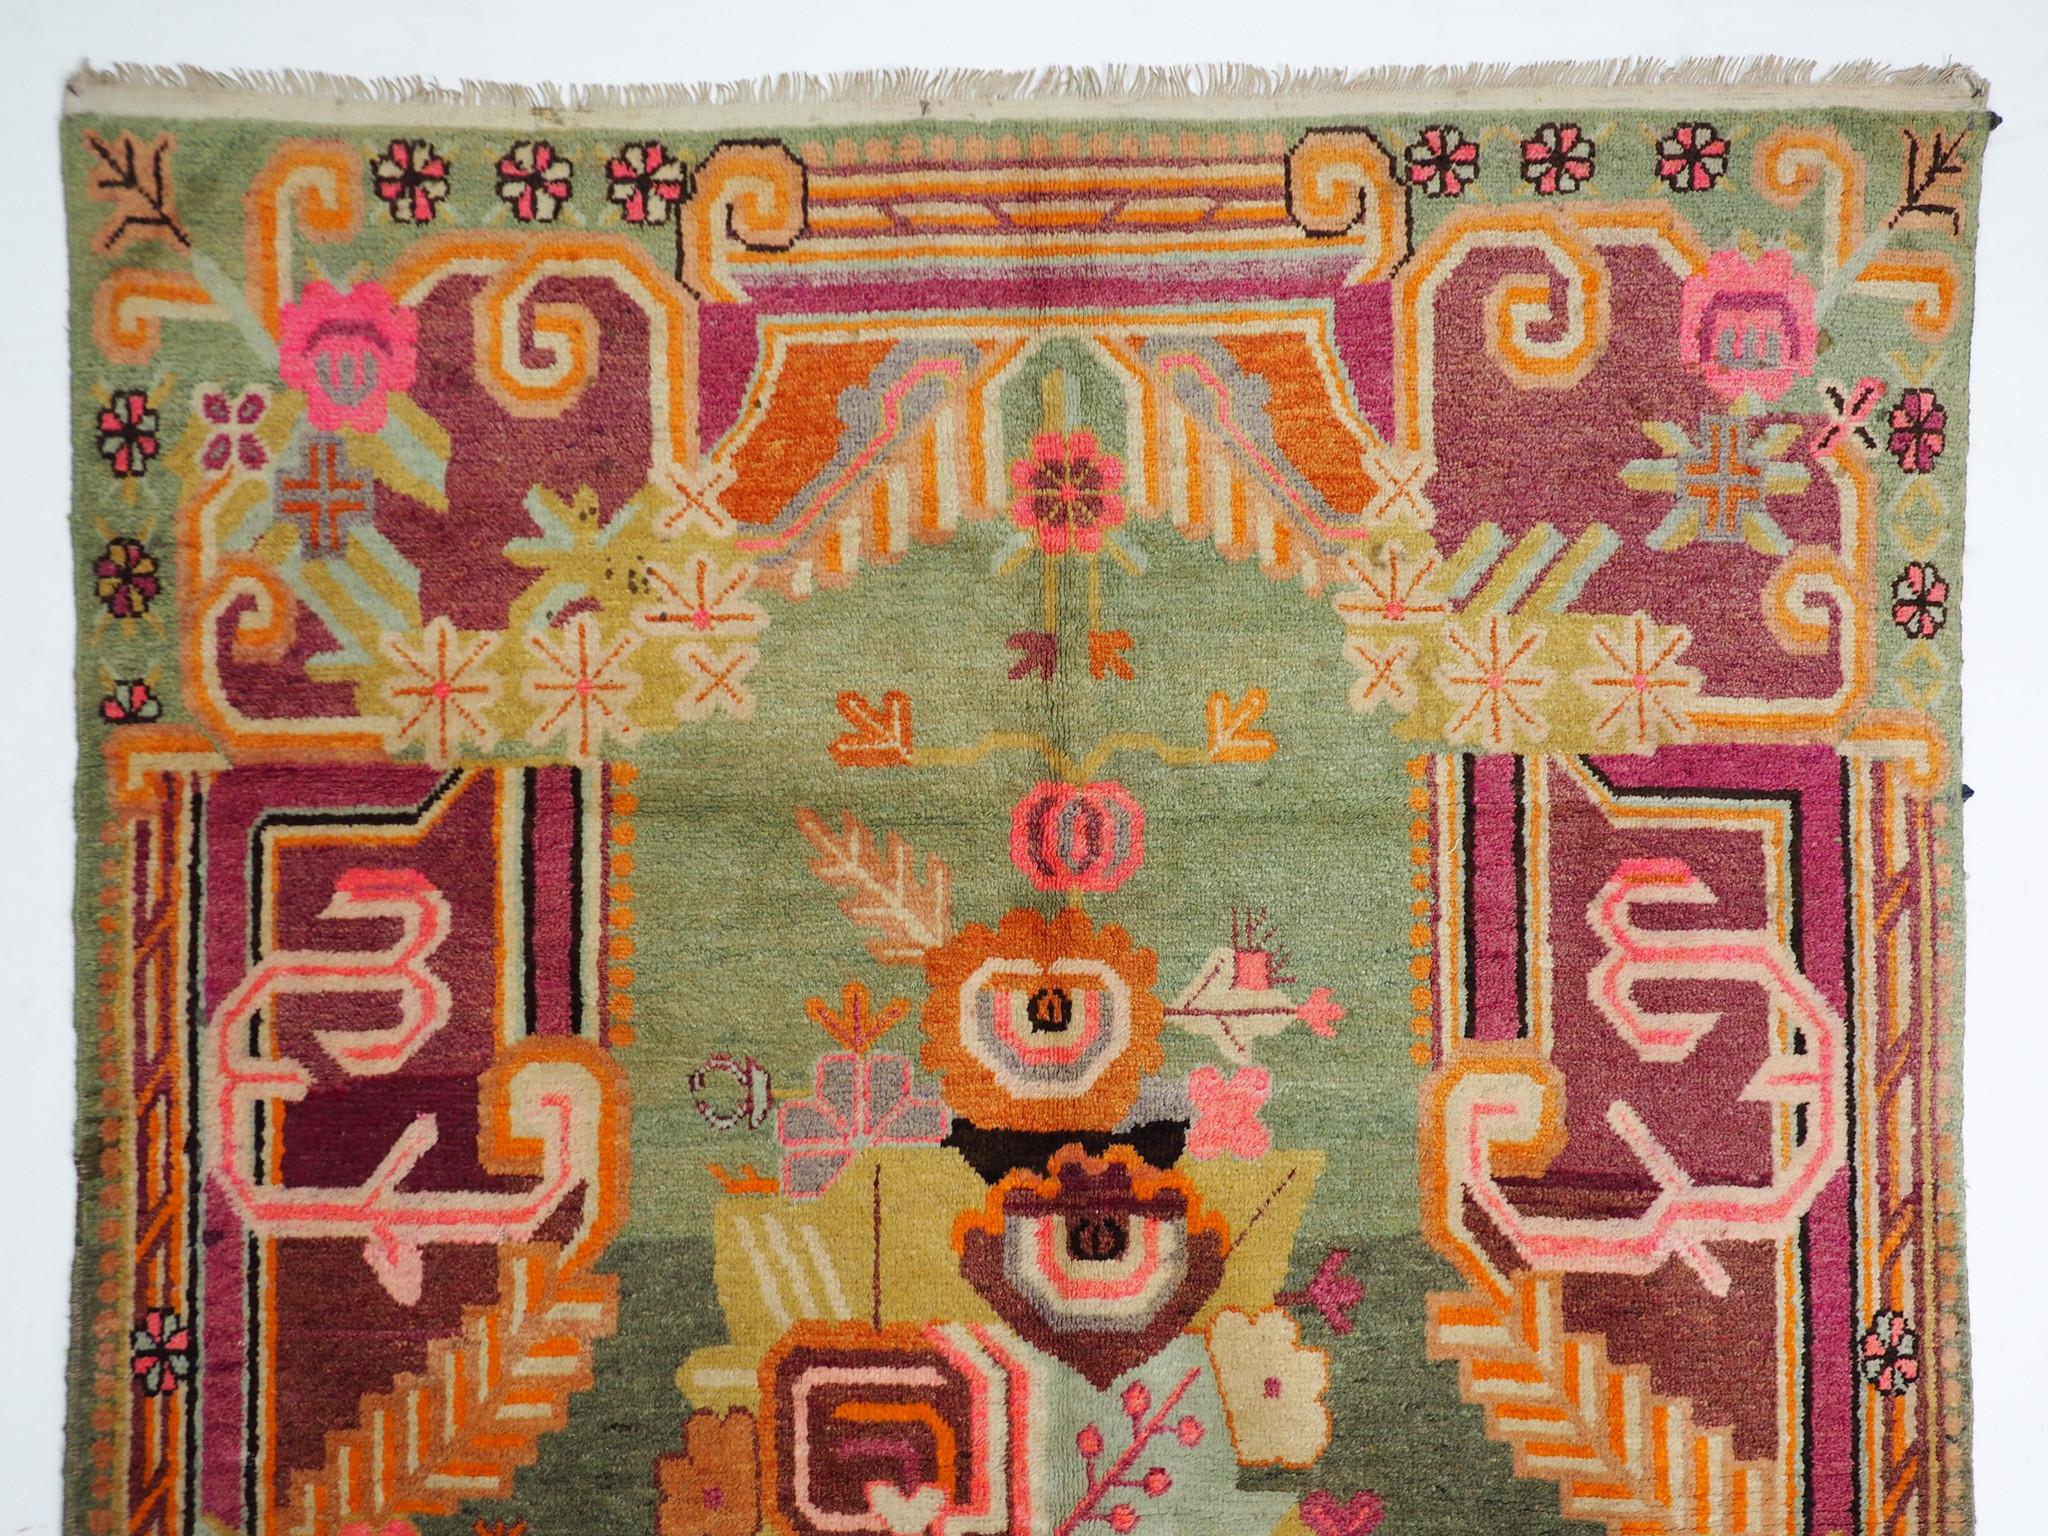 Bukhara 220x140 cm antique Khotan rug Chinese Turkestan No:A